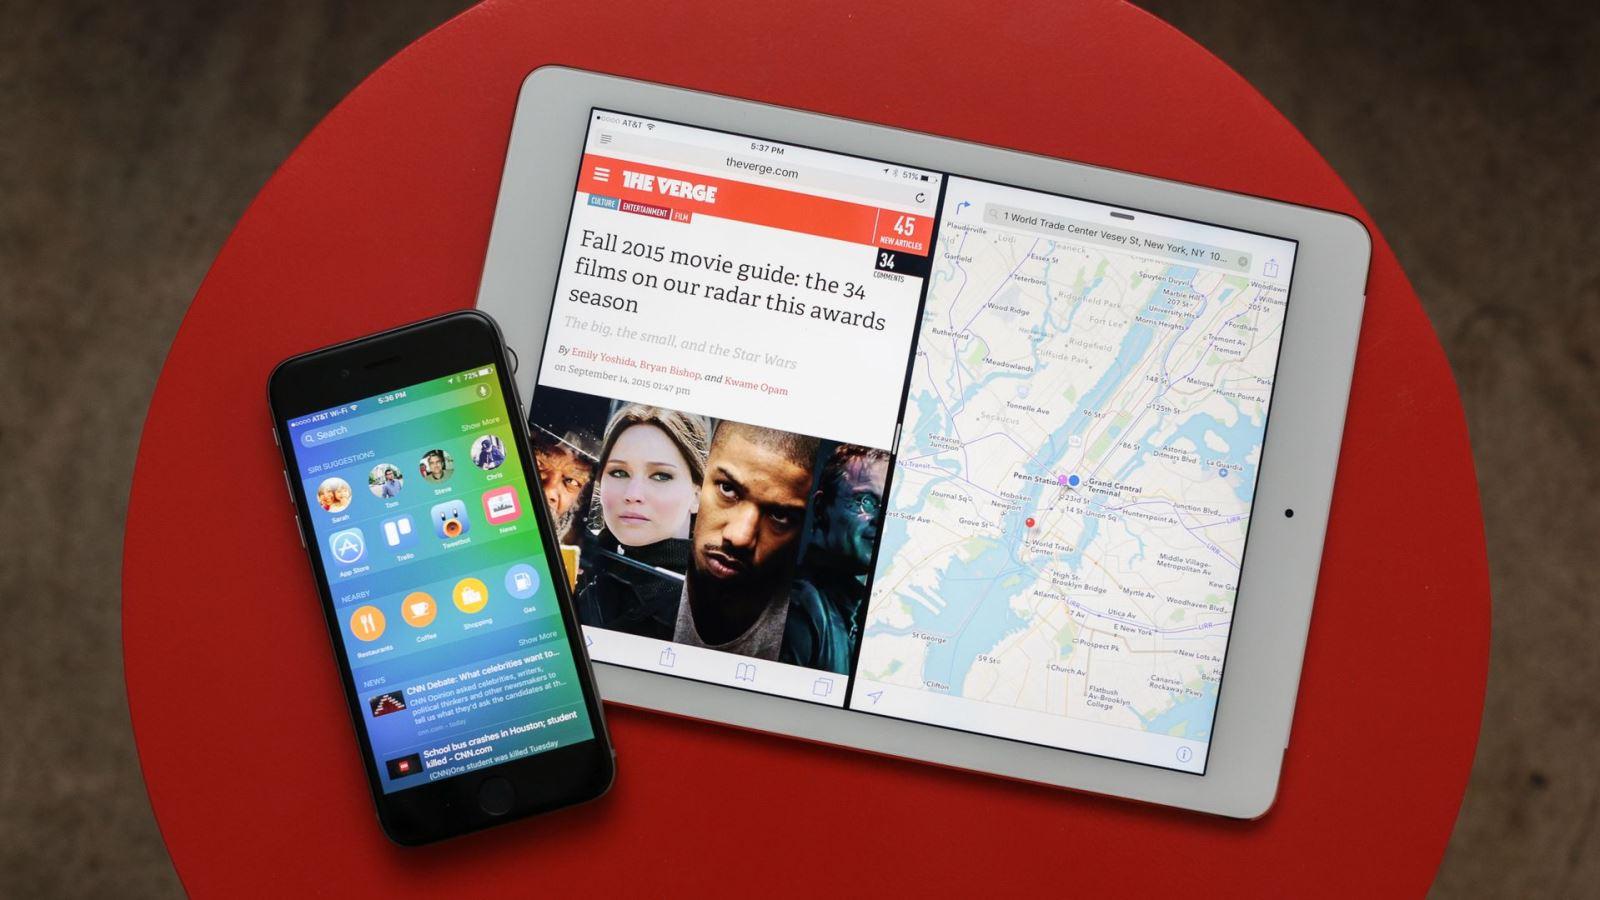 Thưởng 1 triệu USD cho người có khả năng hack iOS 9